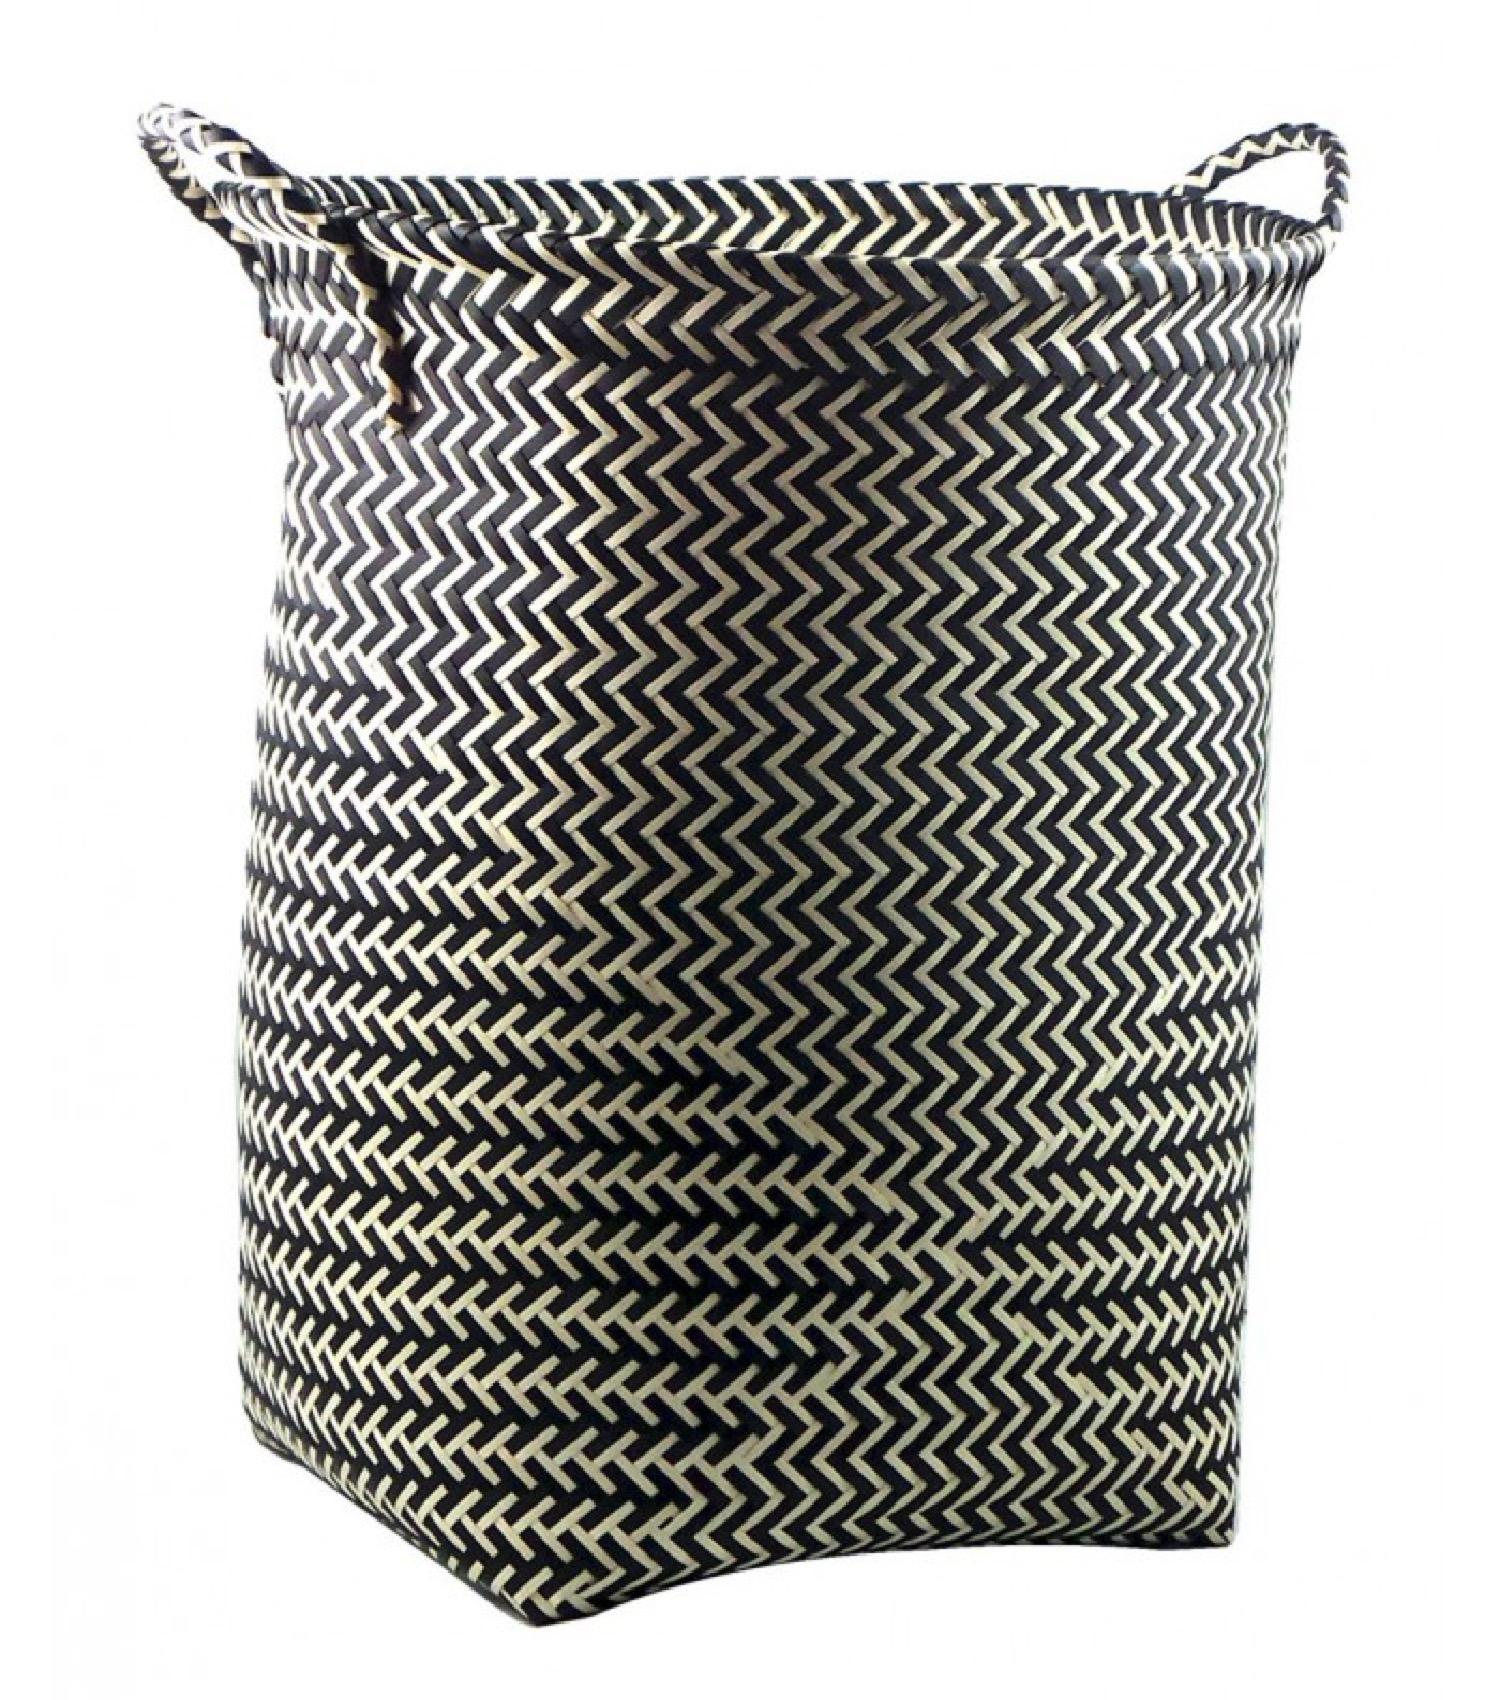 Grand panier à linge en polypropylène noir et blanc